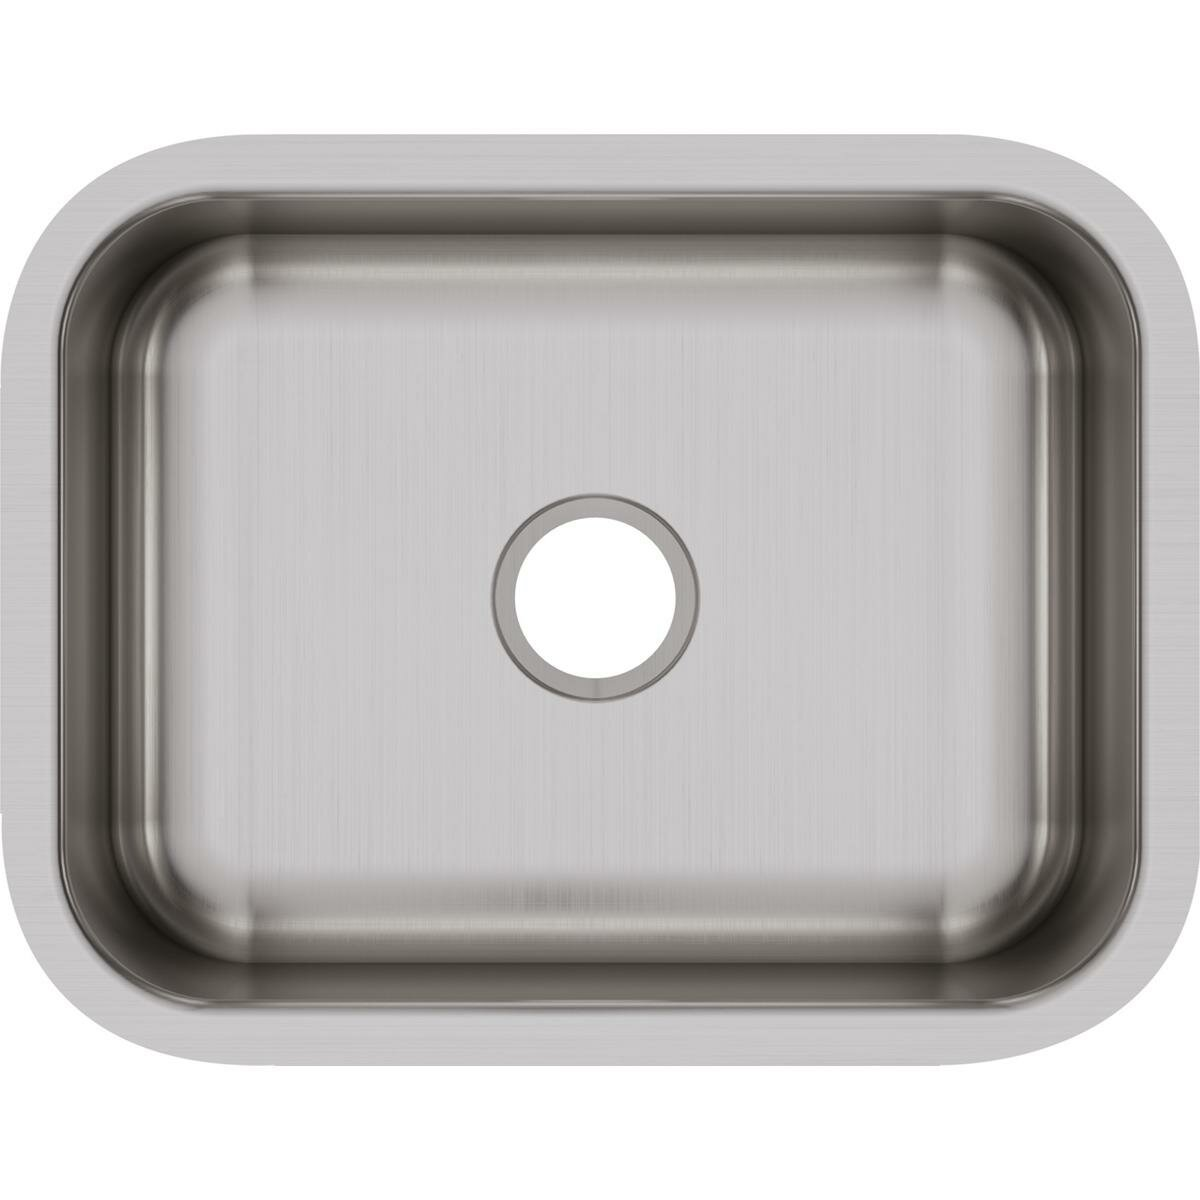 Dxuh2115 dayton 24 l x 18 w undermount kitchen sink